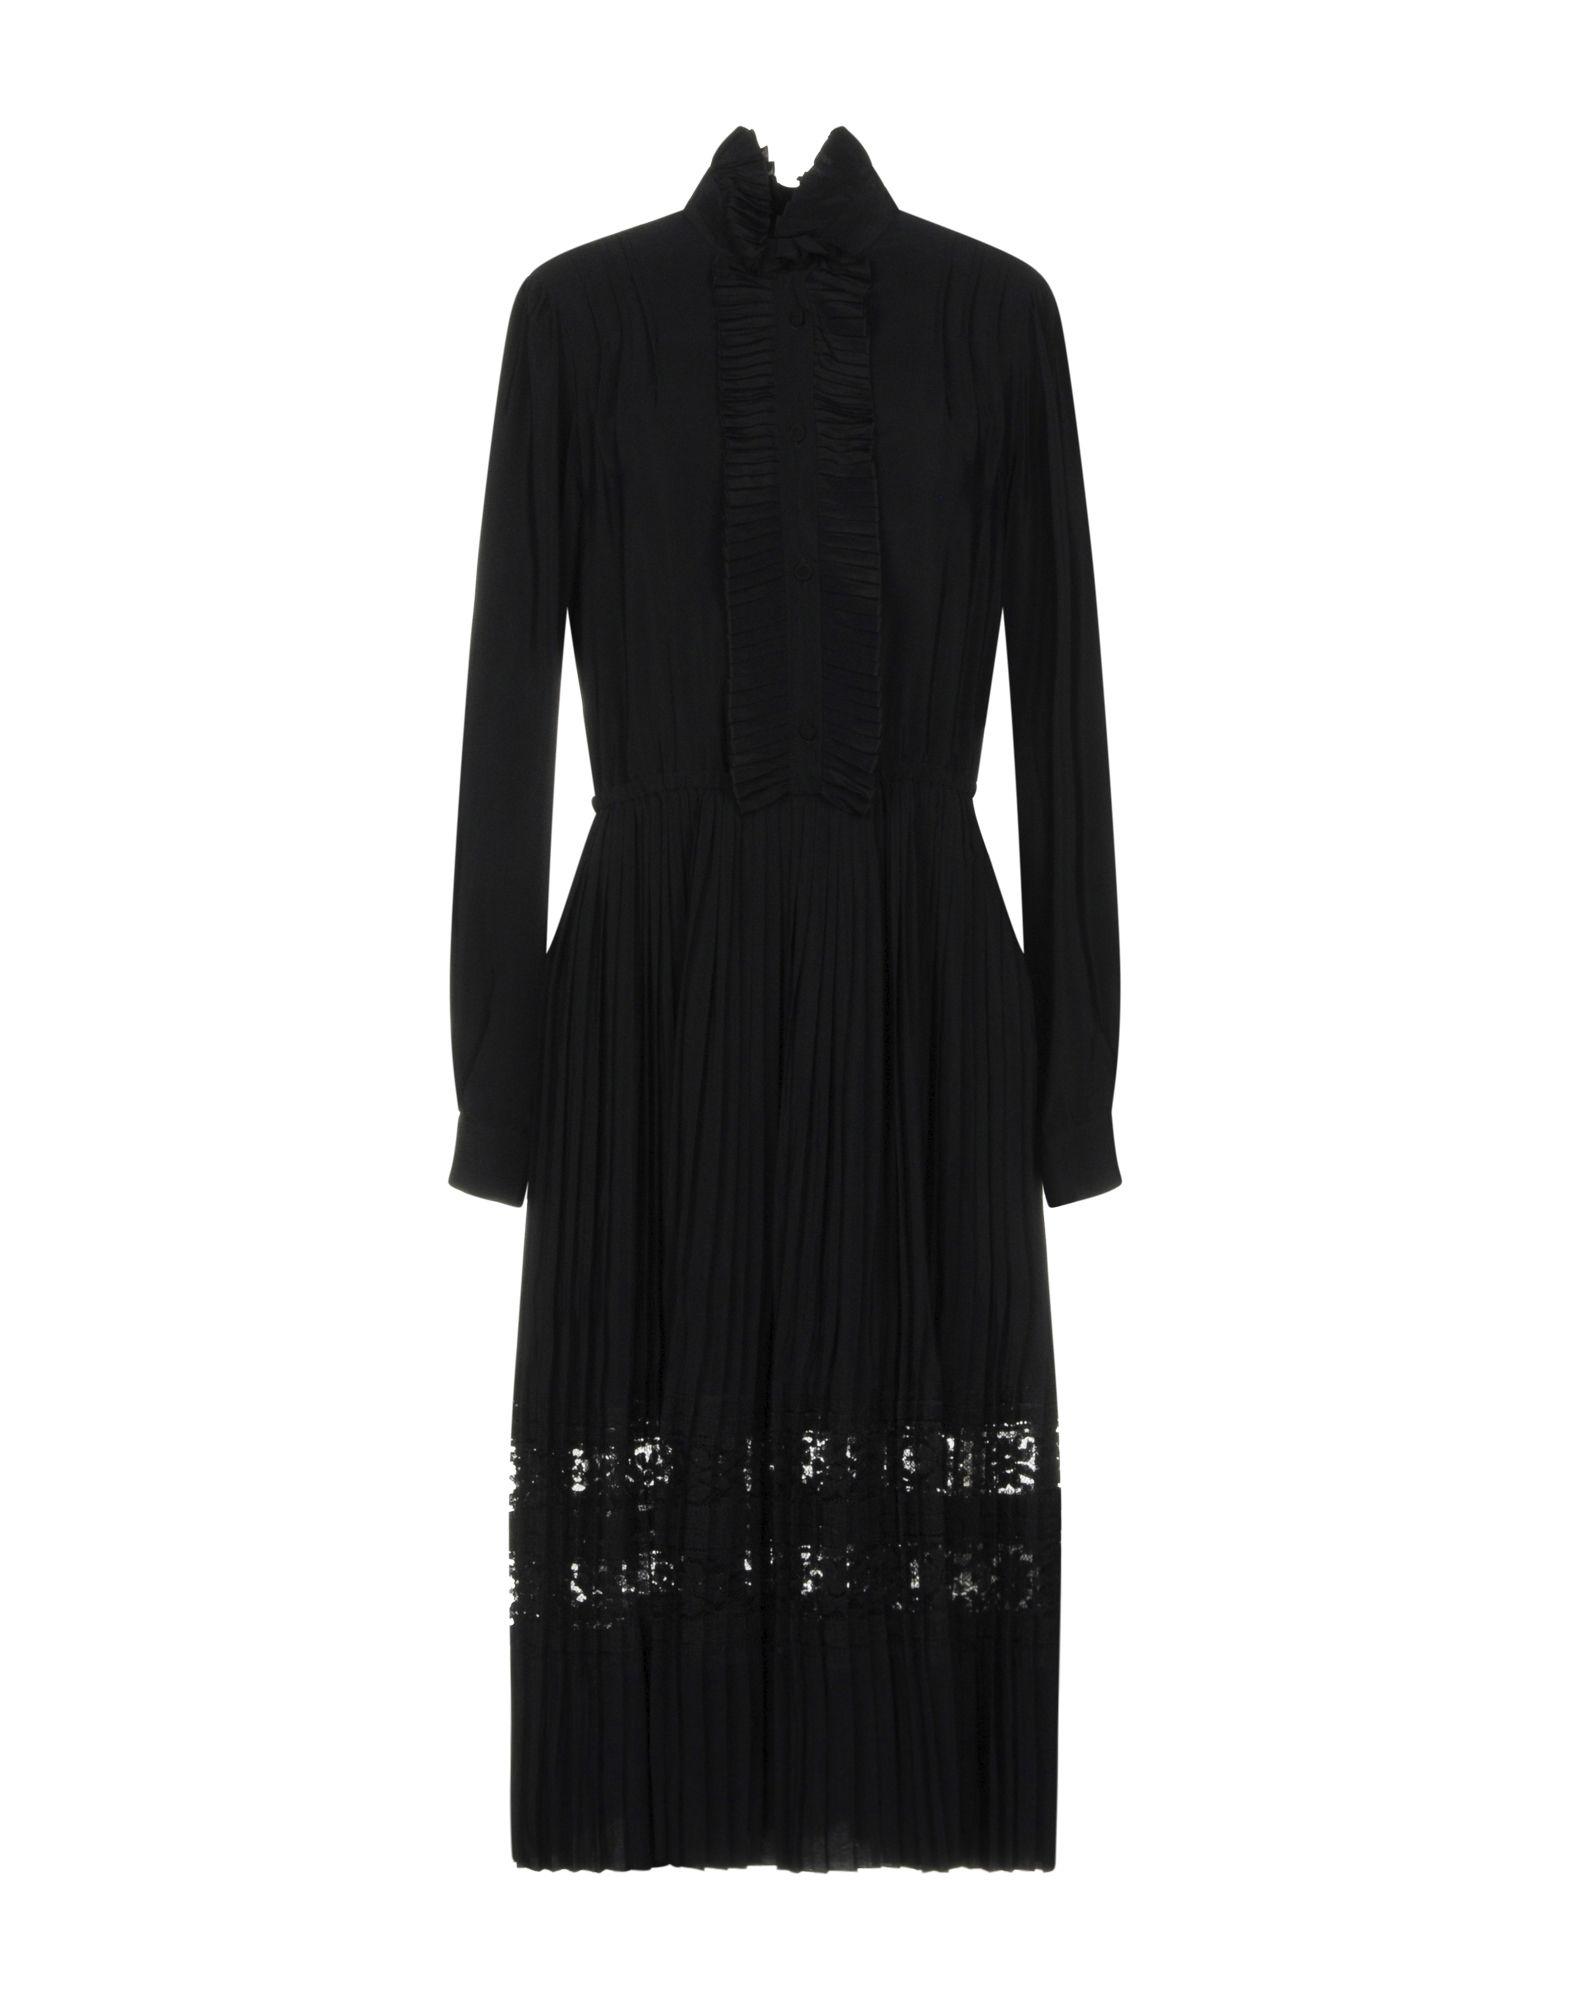 PICCIONE.PICCIONE Платье длиной 3/4